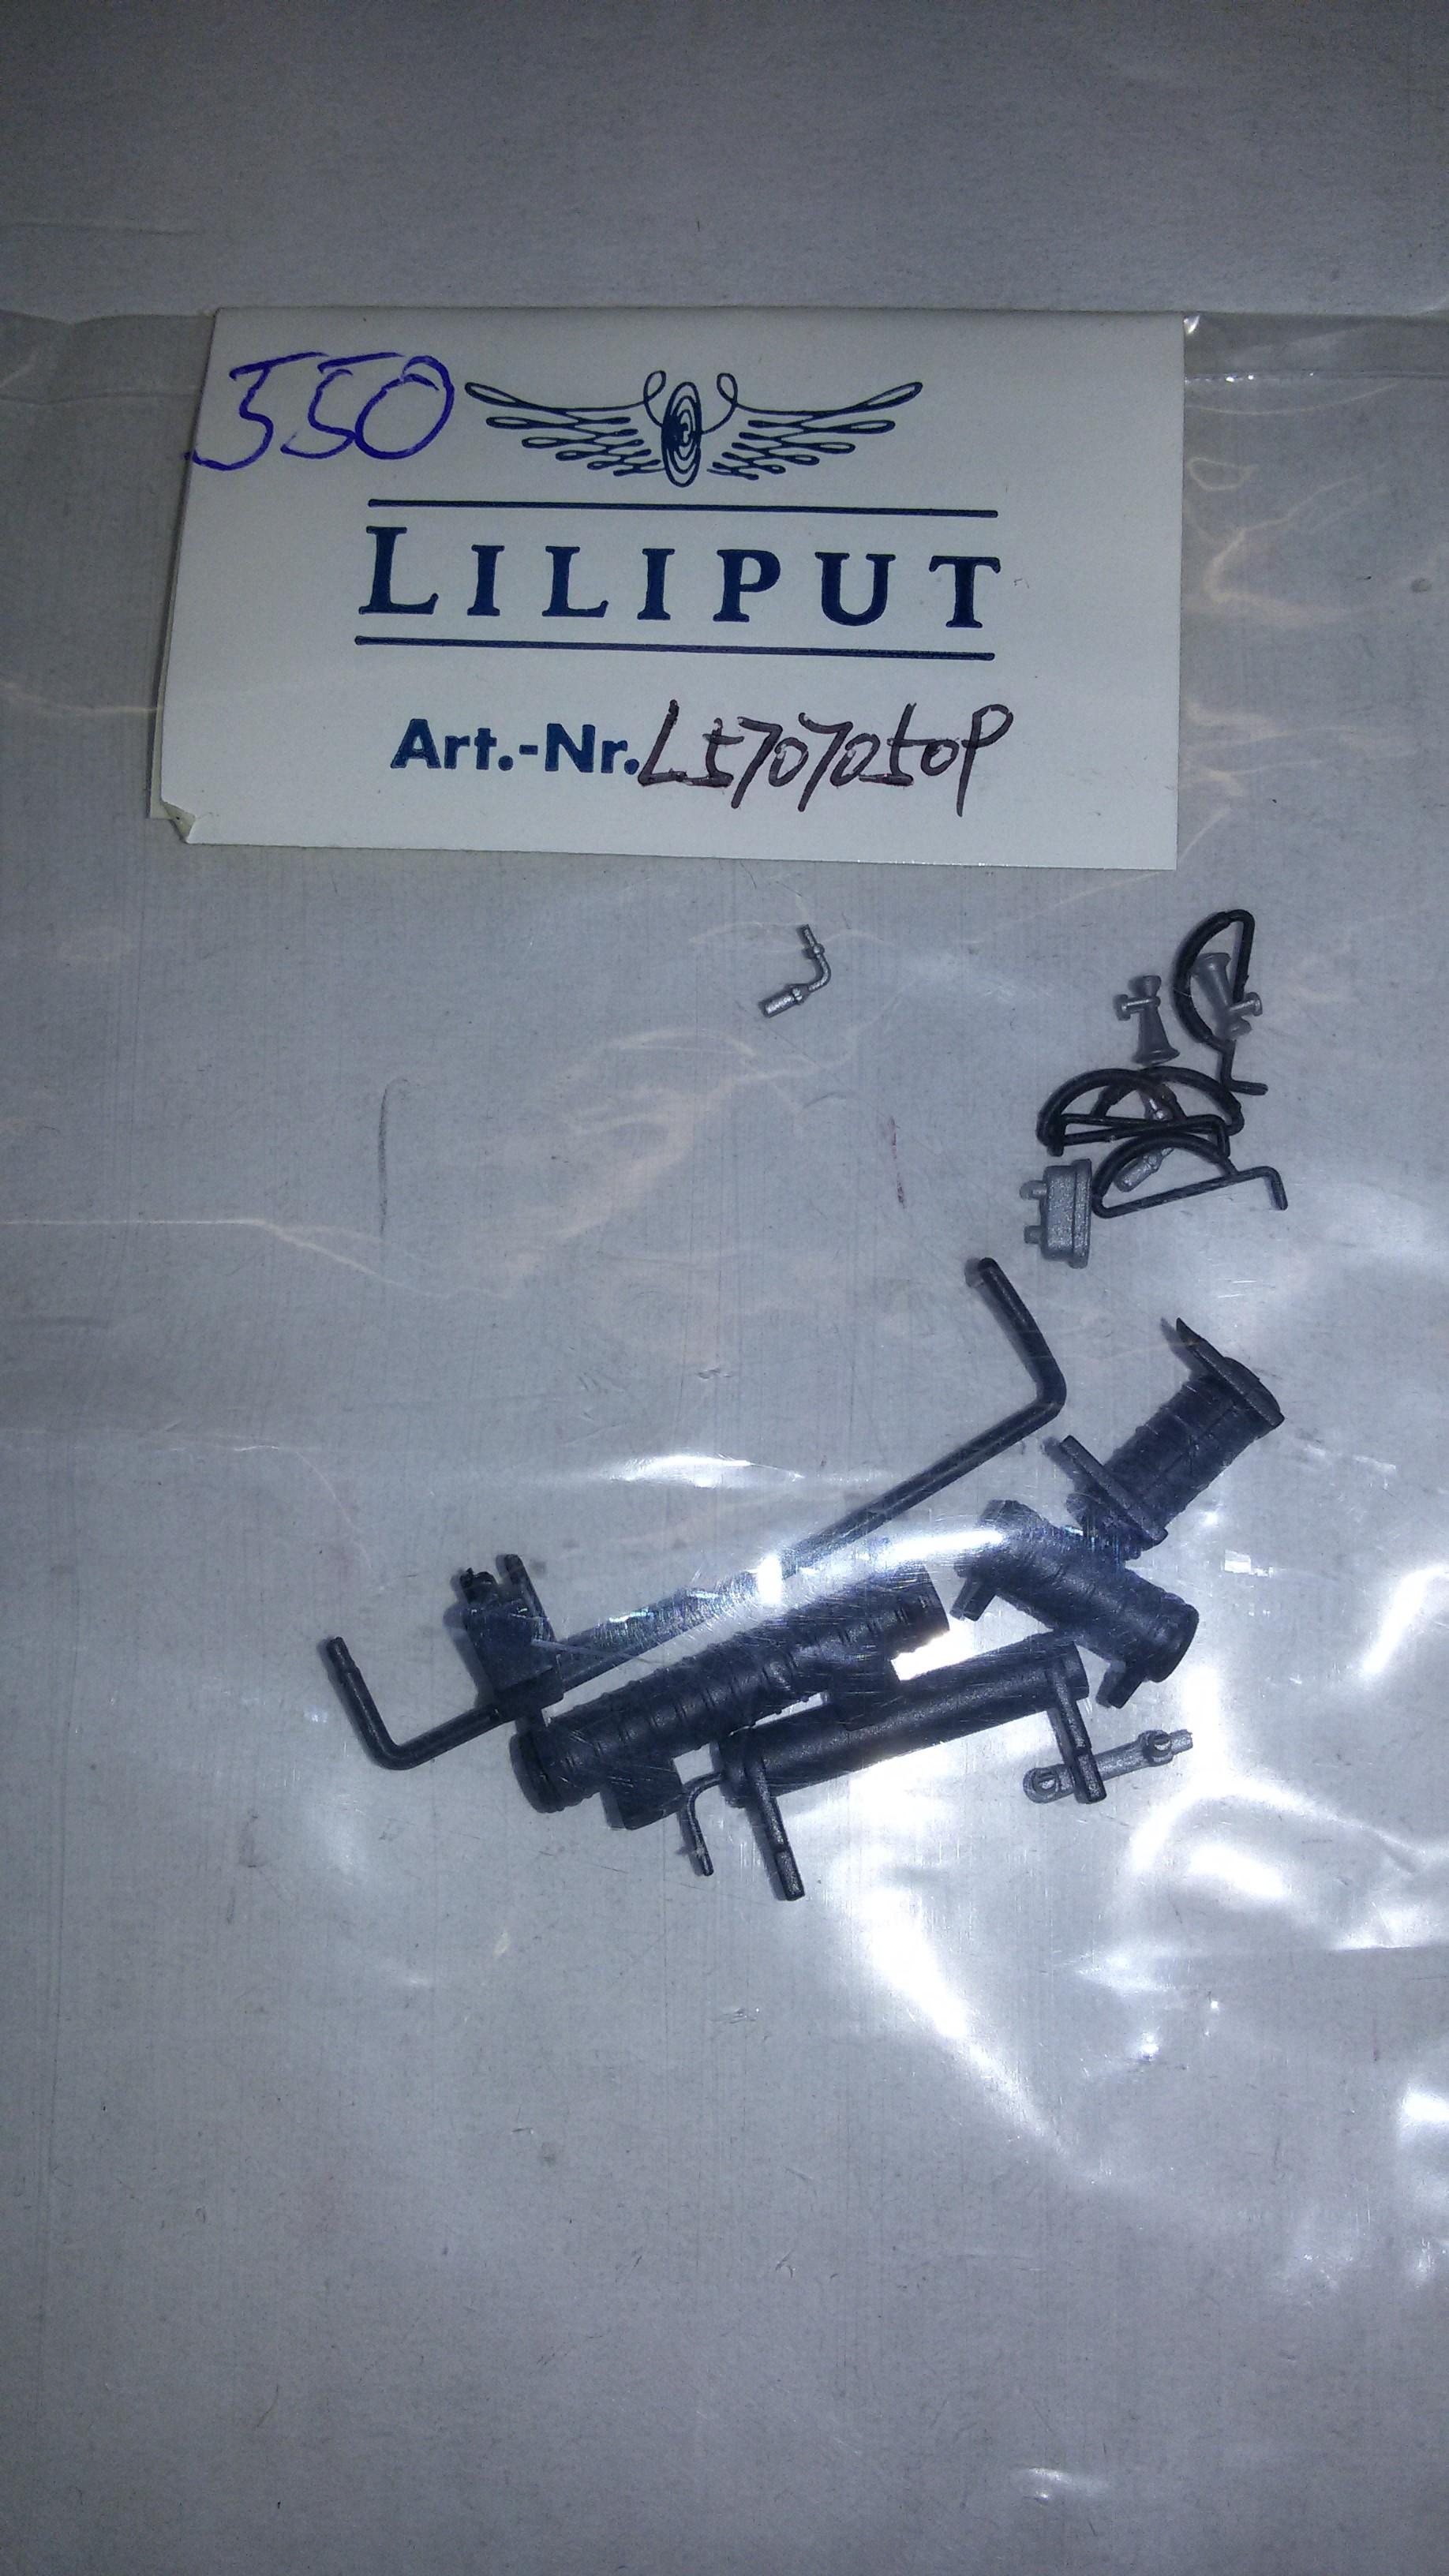 *LO 550* Liliput Ersatzteil L57070509 Zurüstteile